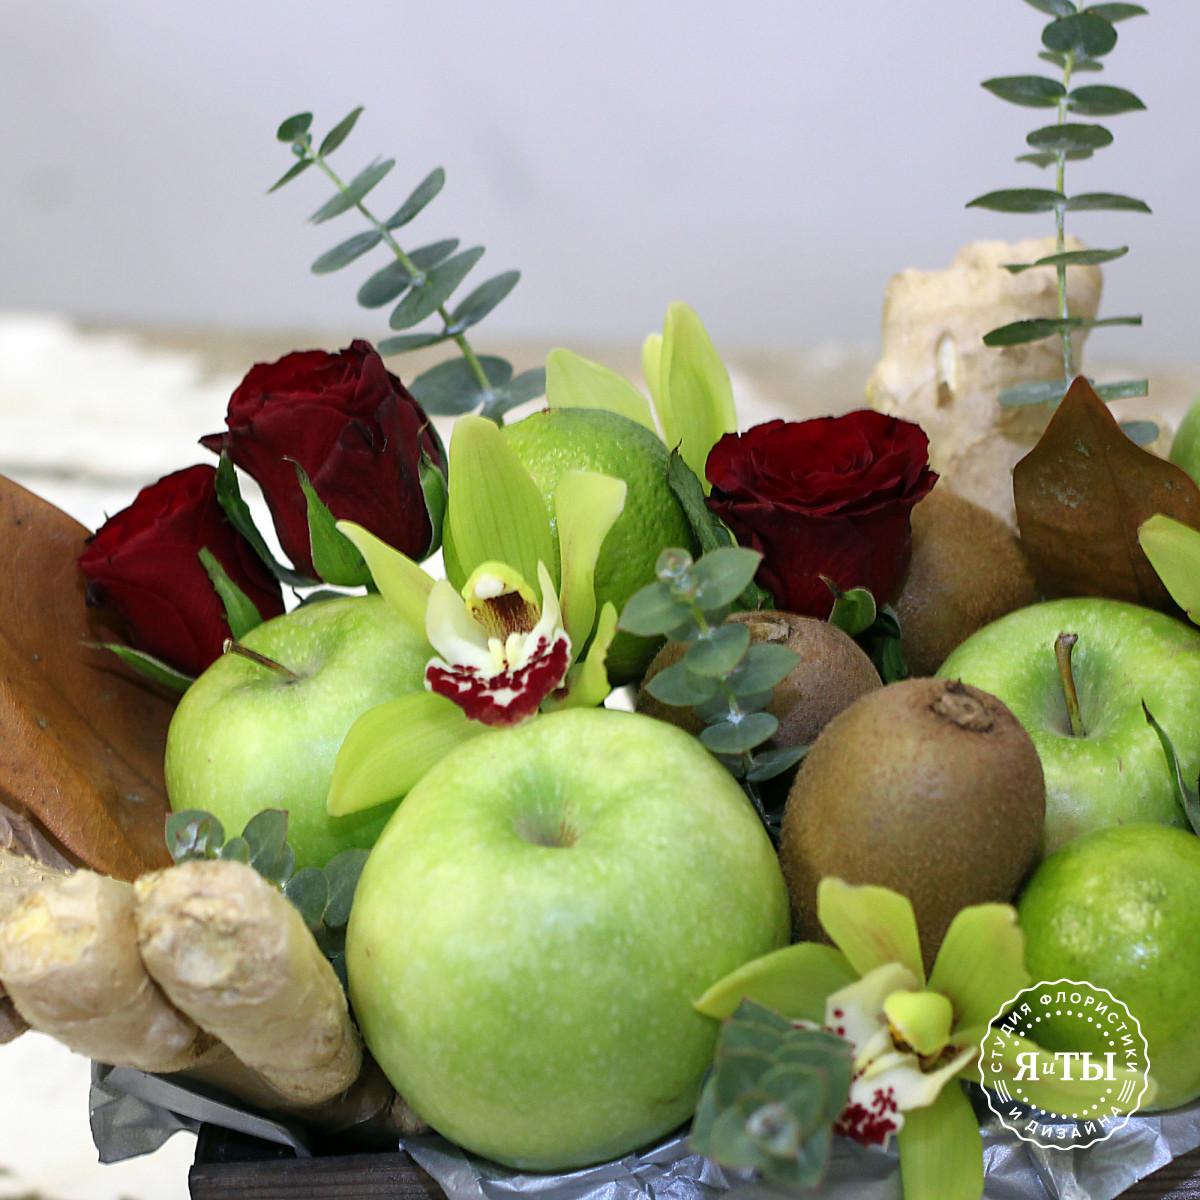 Фруктово - цветочная композиция с яблоками и орхидеями